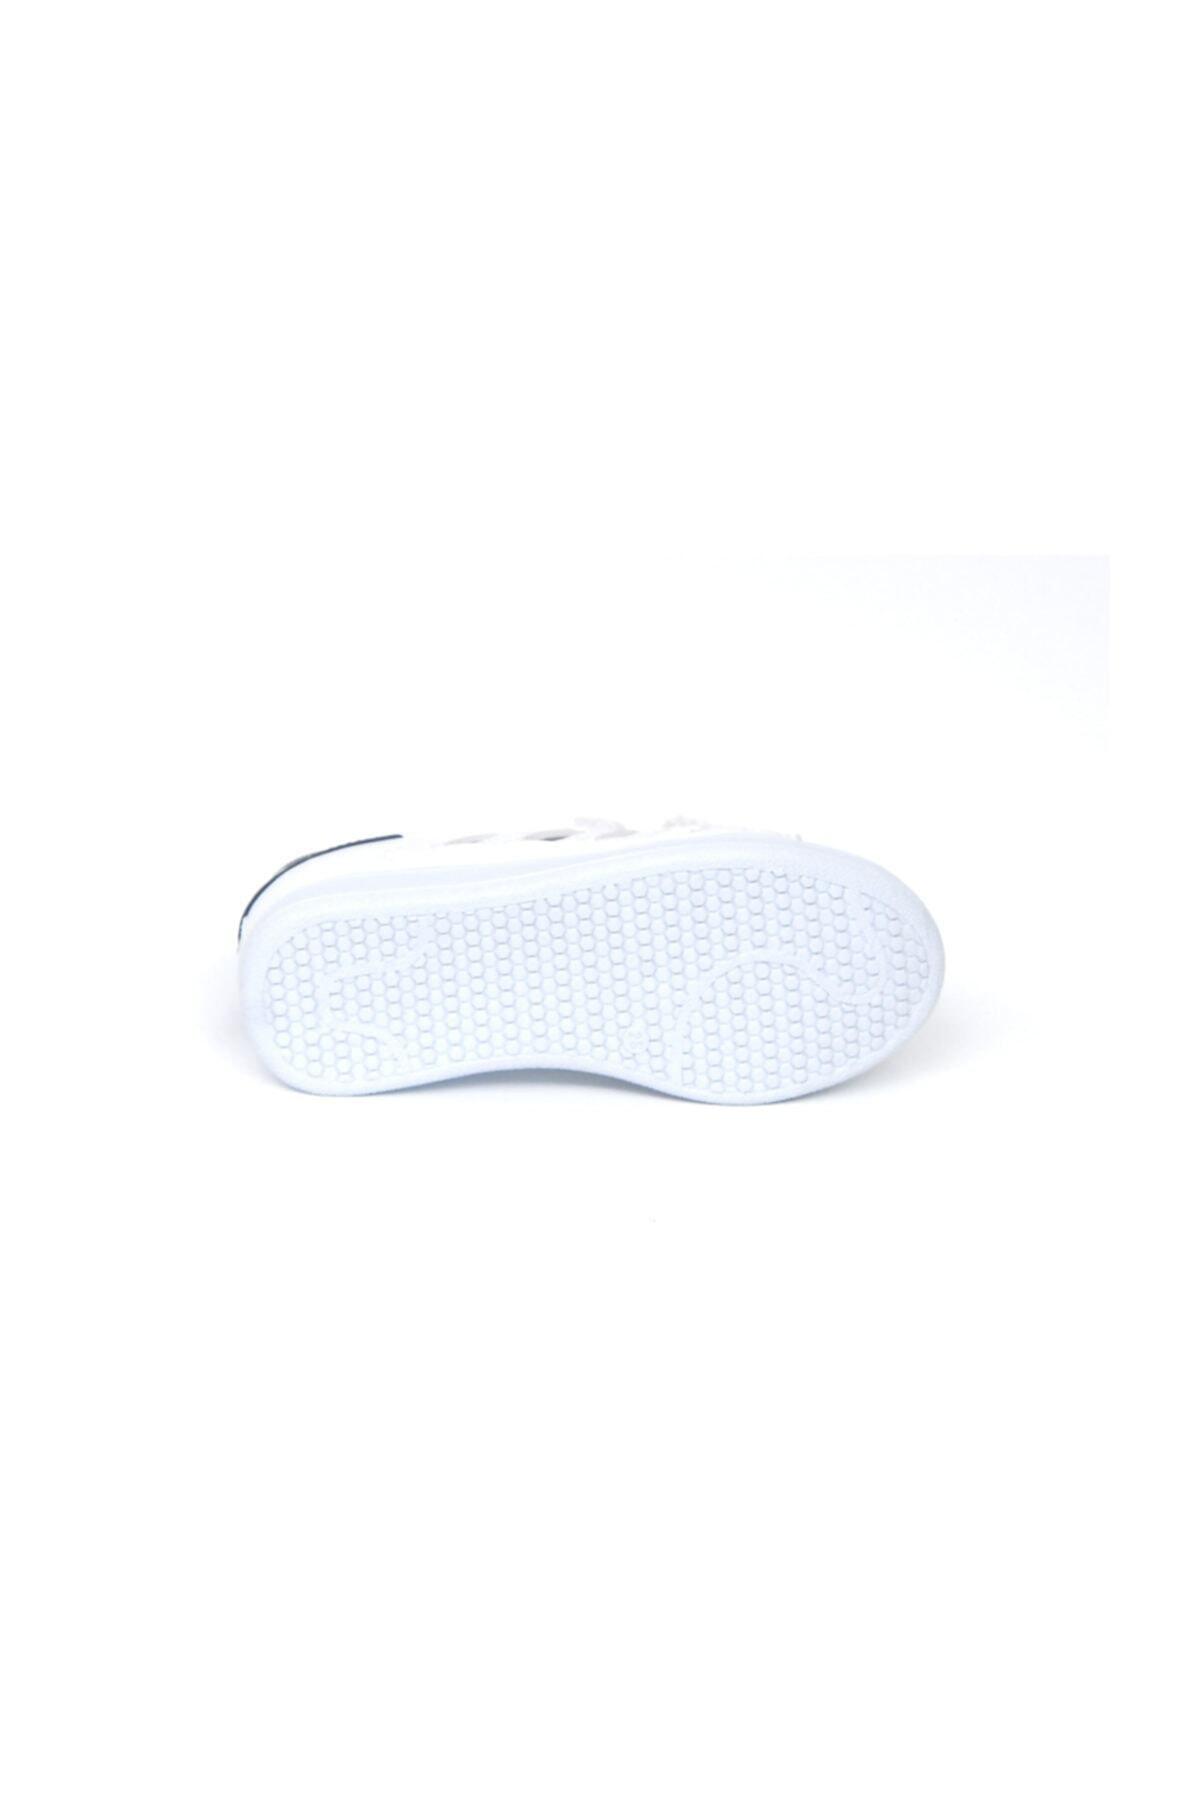 Efolle Spor Çocuk Ayakkabısı 2